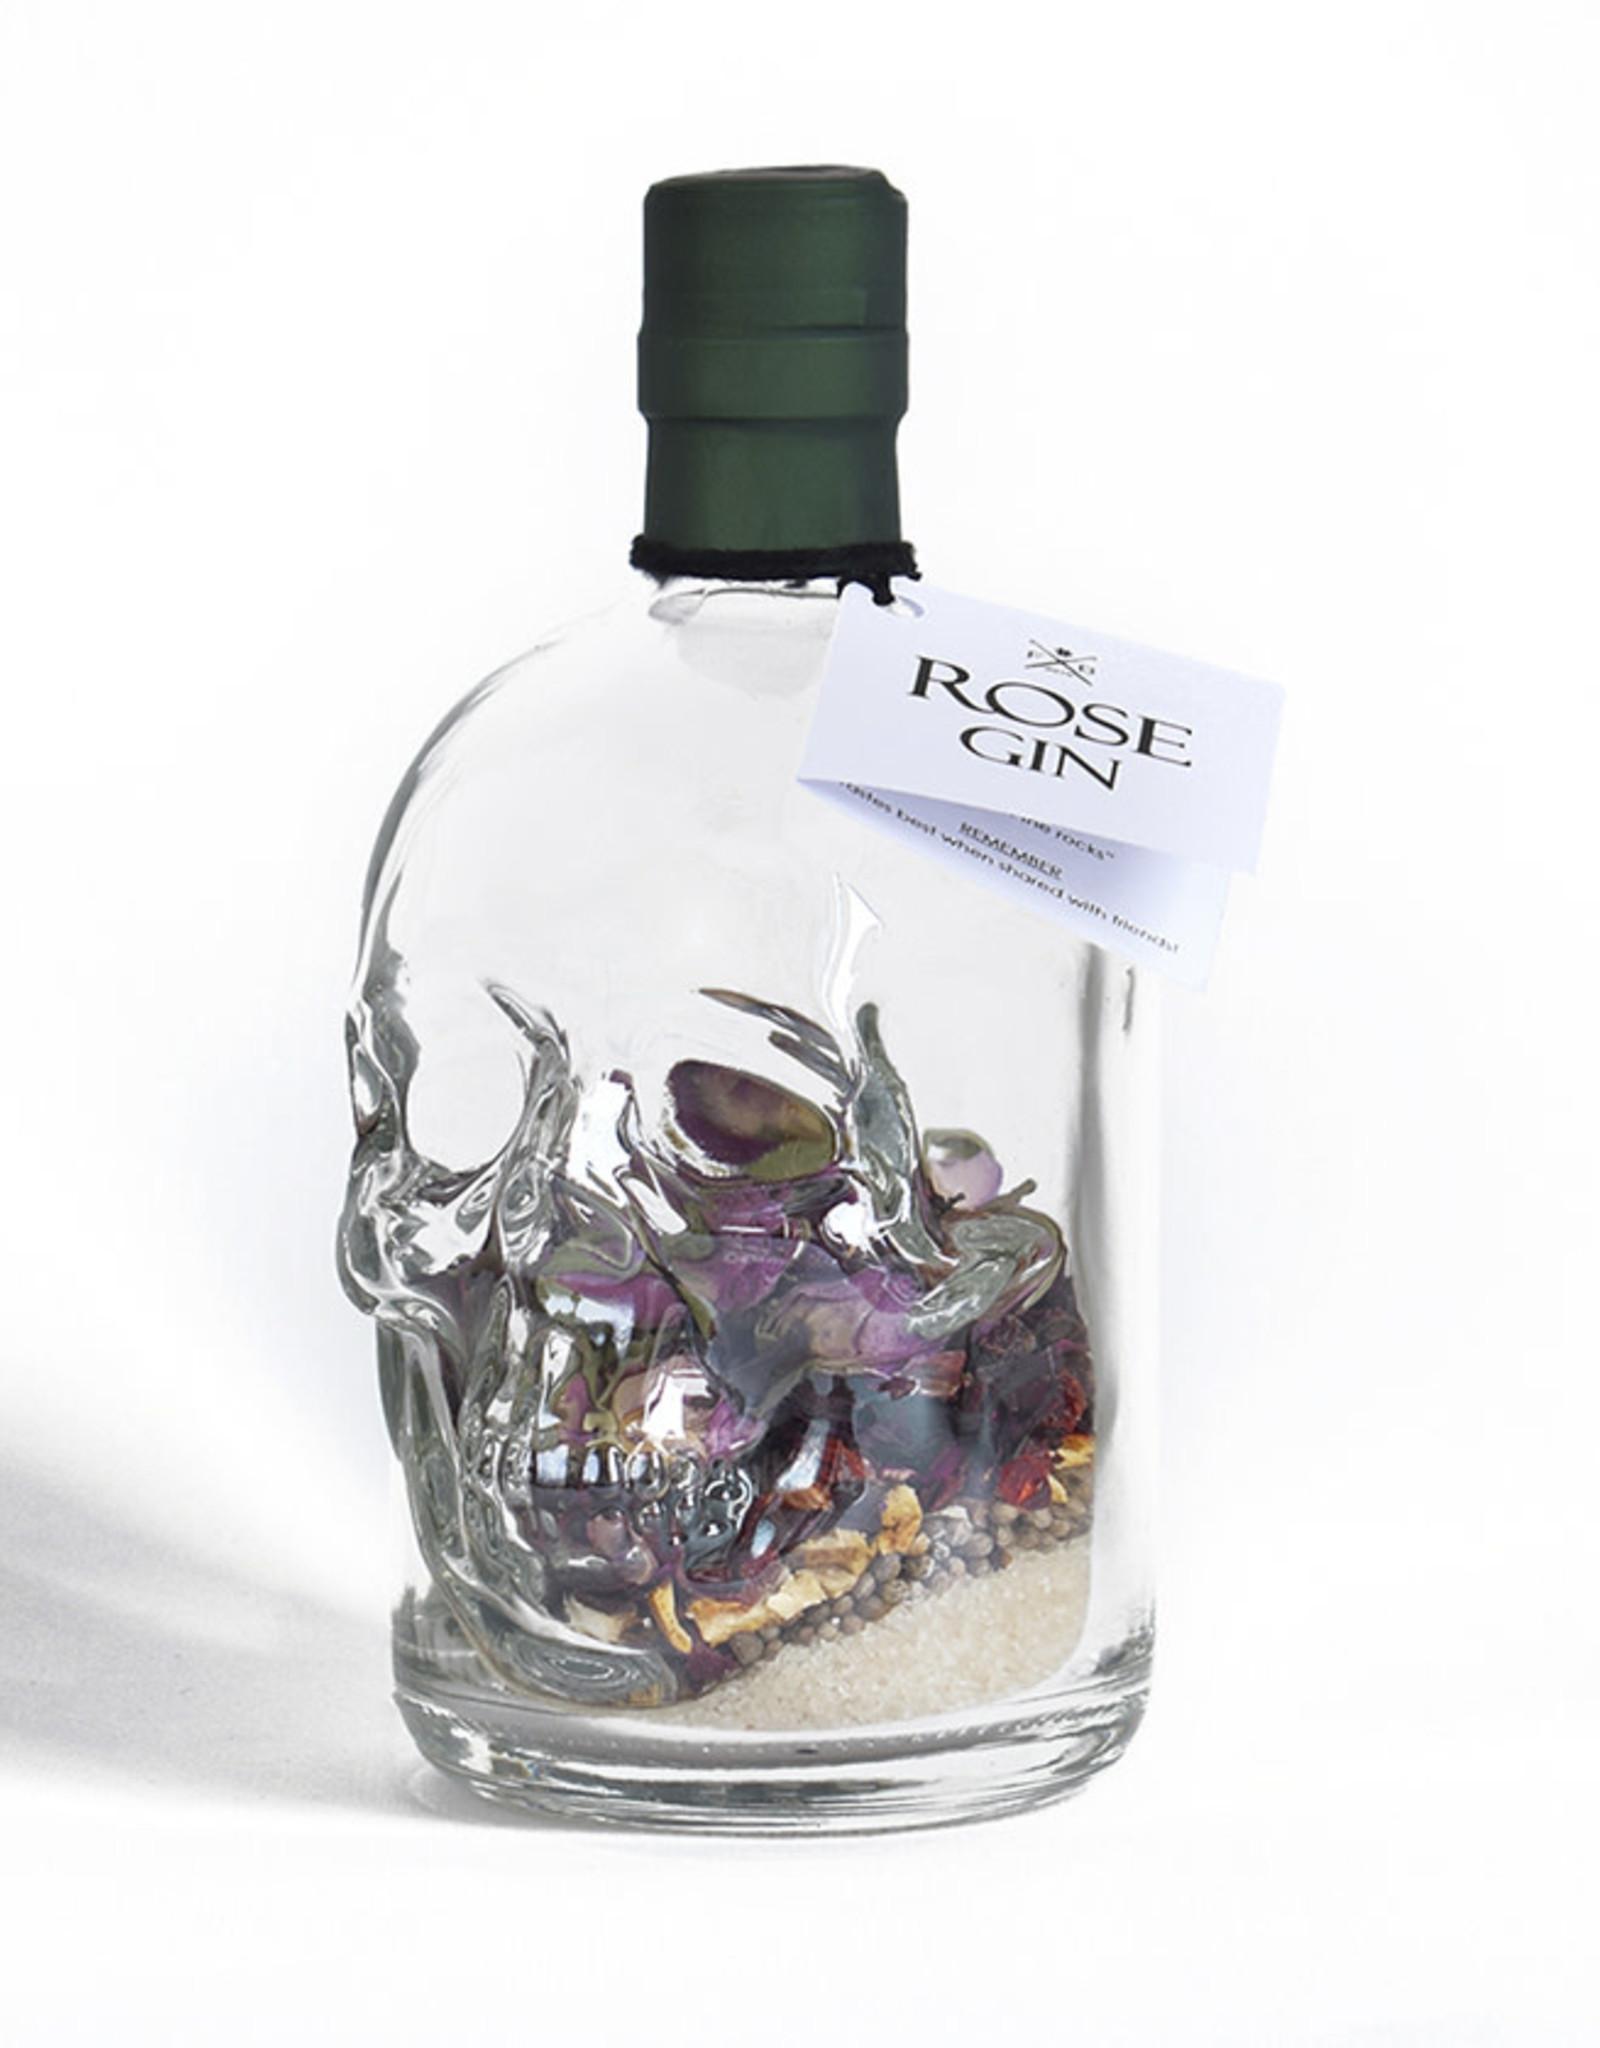 Festival in a Bottle Pirate Skull Rose Gin-Fles 450ML